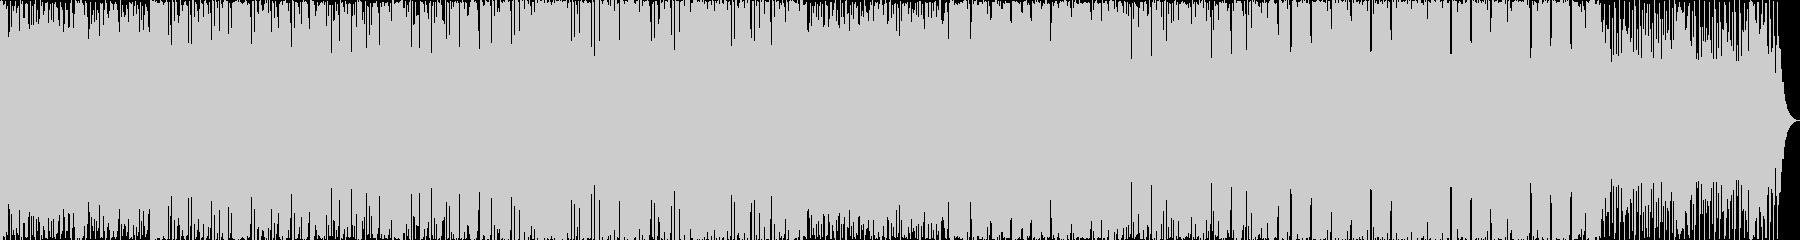 カッティングギタがかっこいいフュージョンの未再生の波形